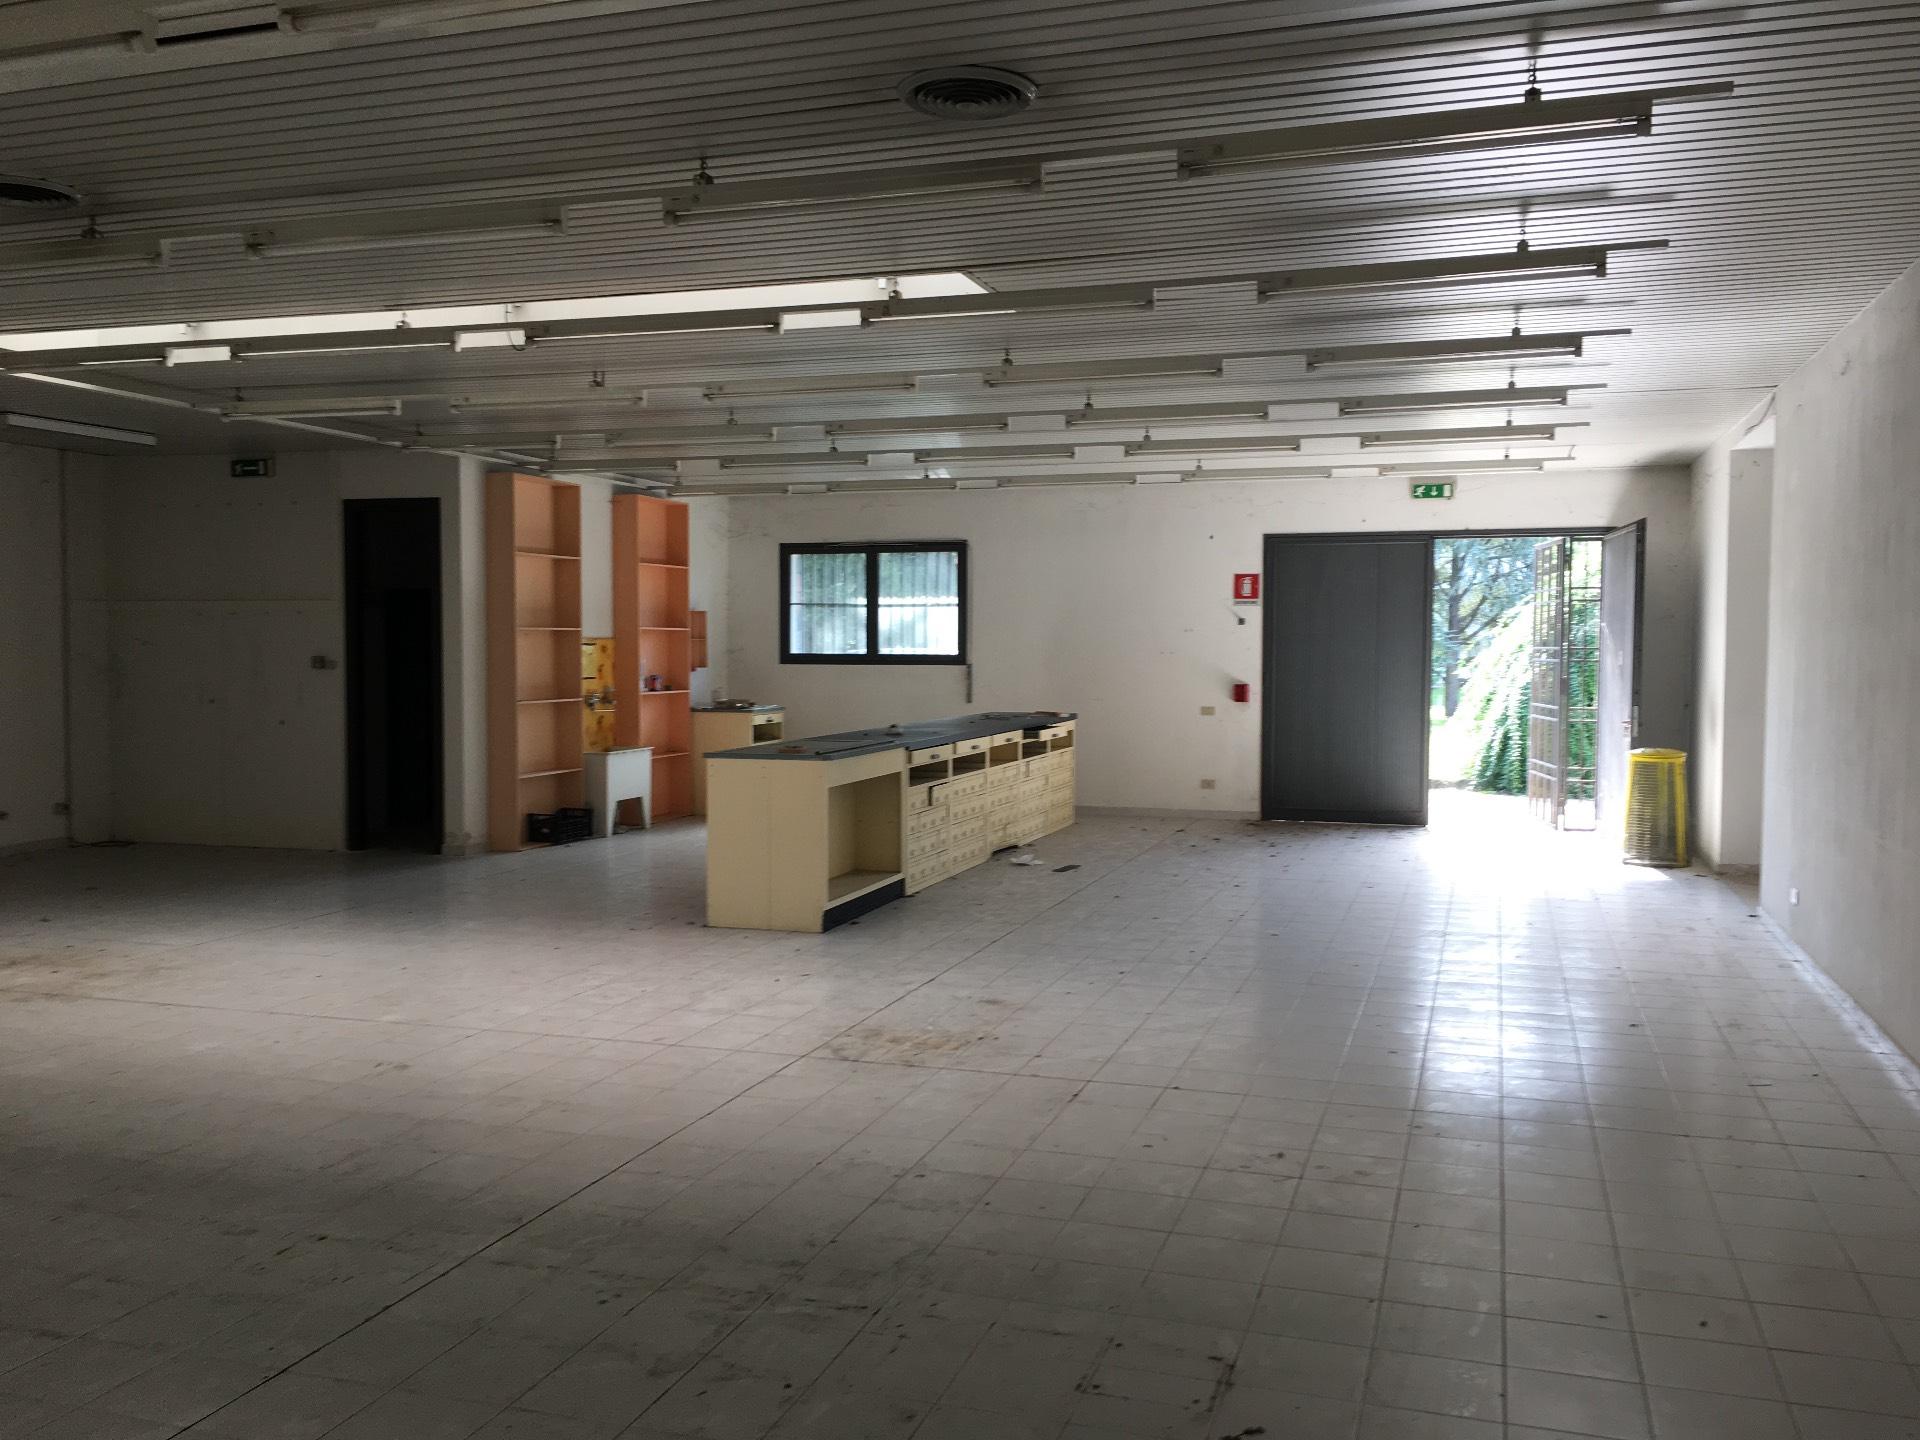 Locale commerciale in Vendita a Treviso - Cod. I/MZ058